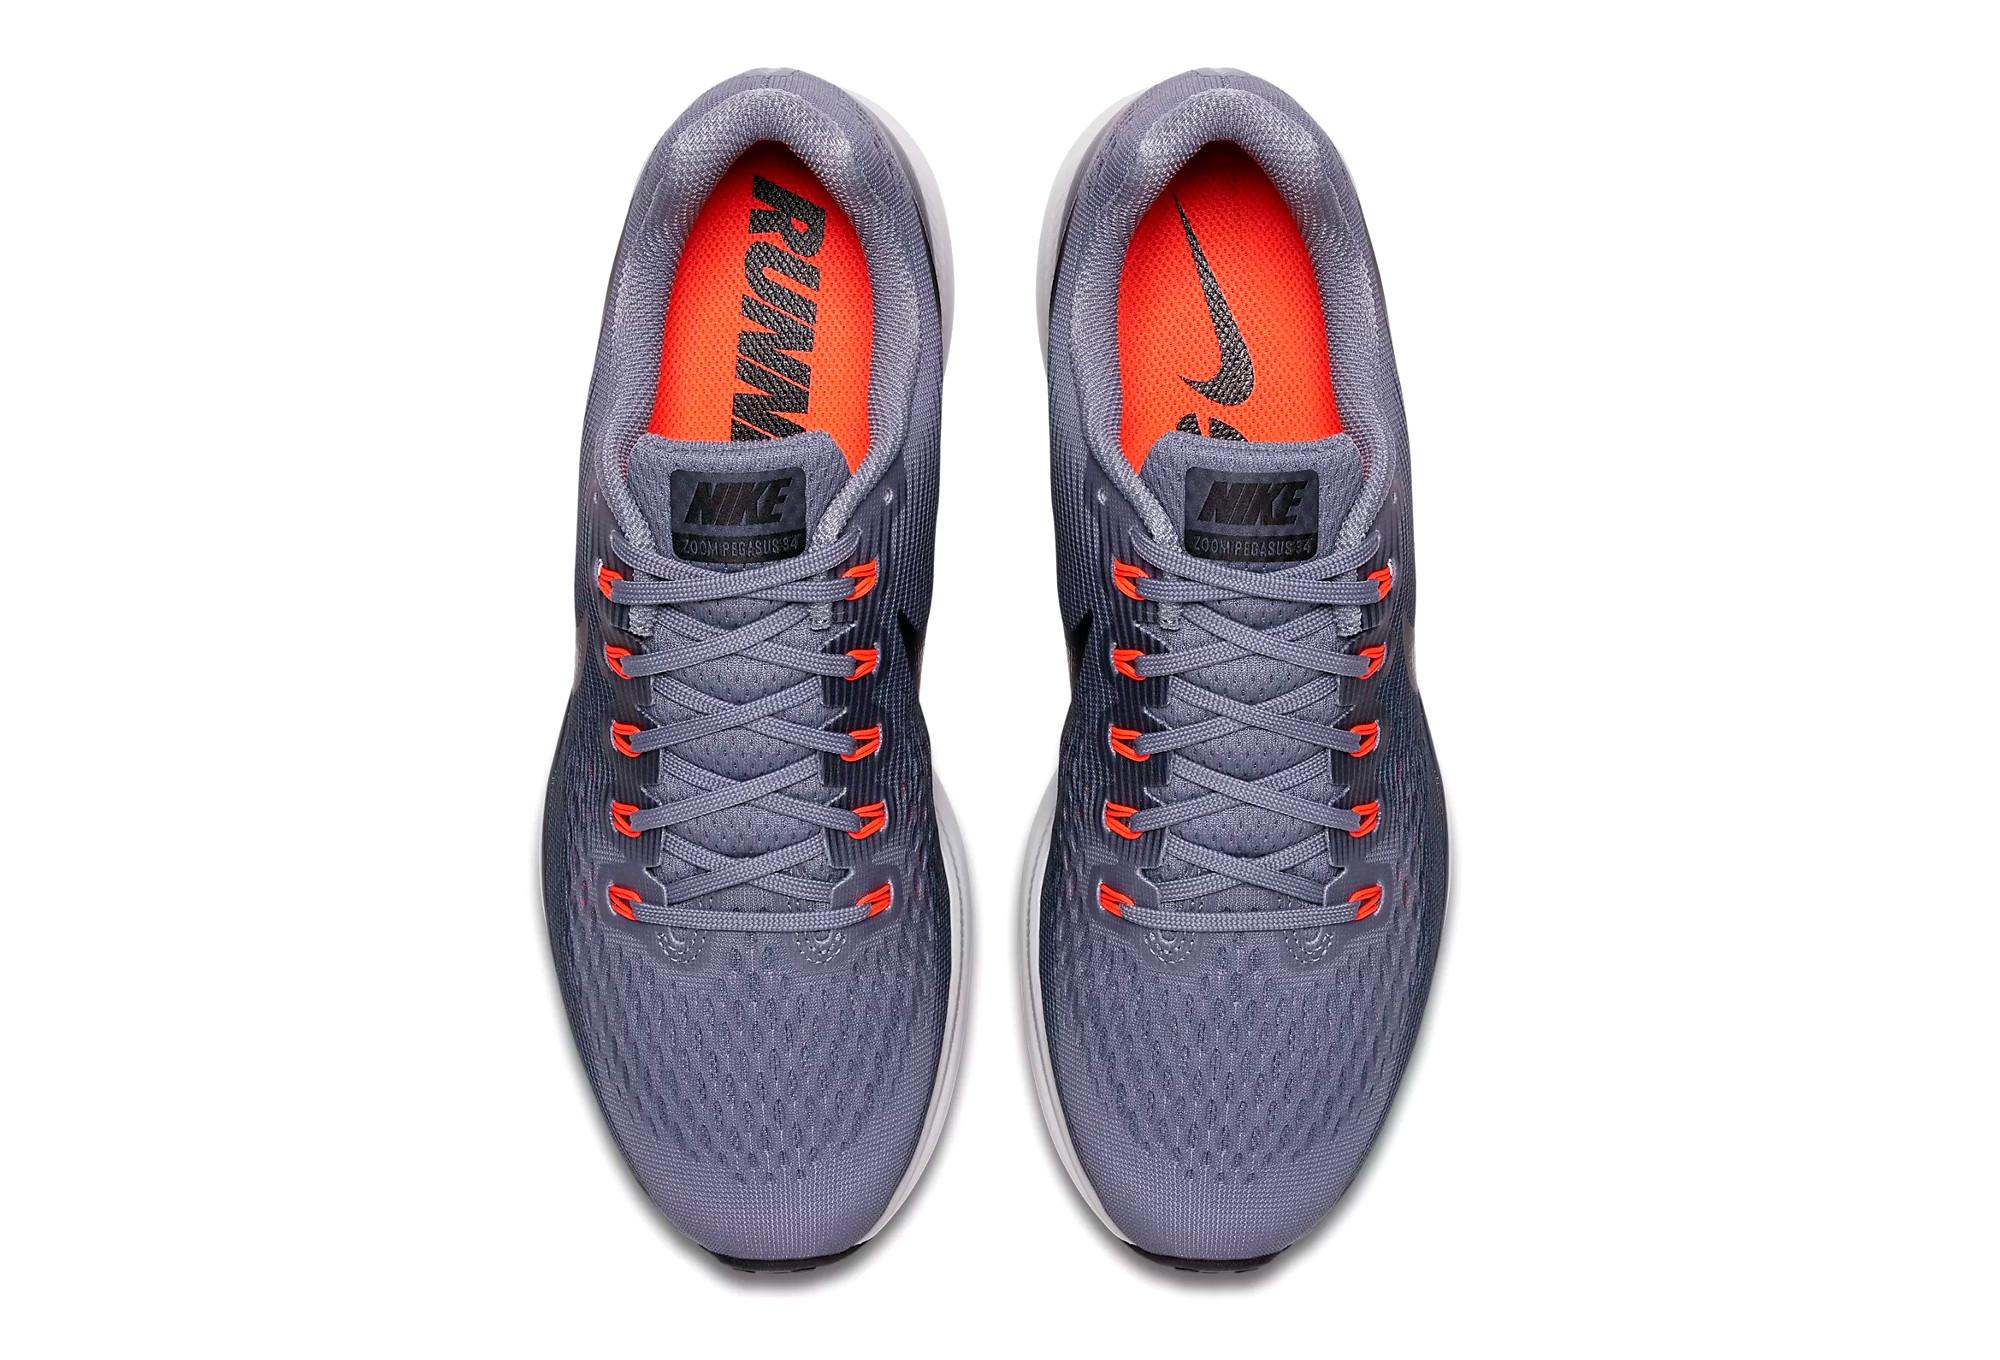 Schuhe Herren Blau AIR NIKE ZOOM Grau PEGASUS 34 BsrCthxQd